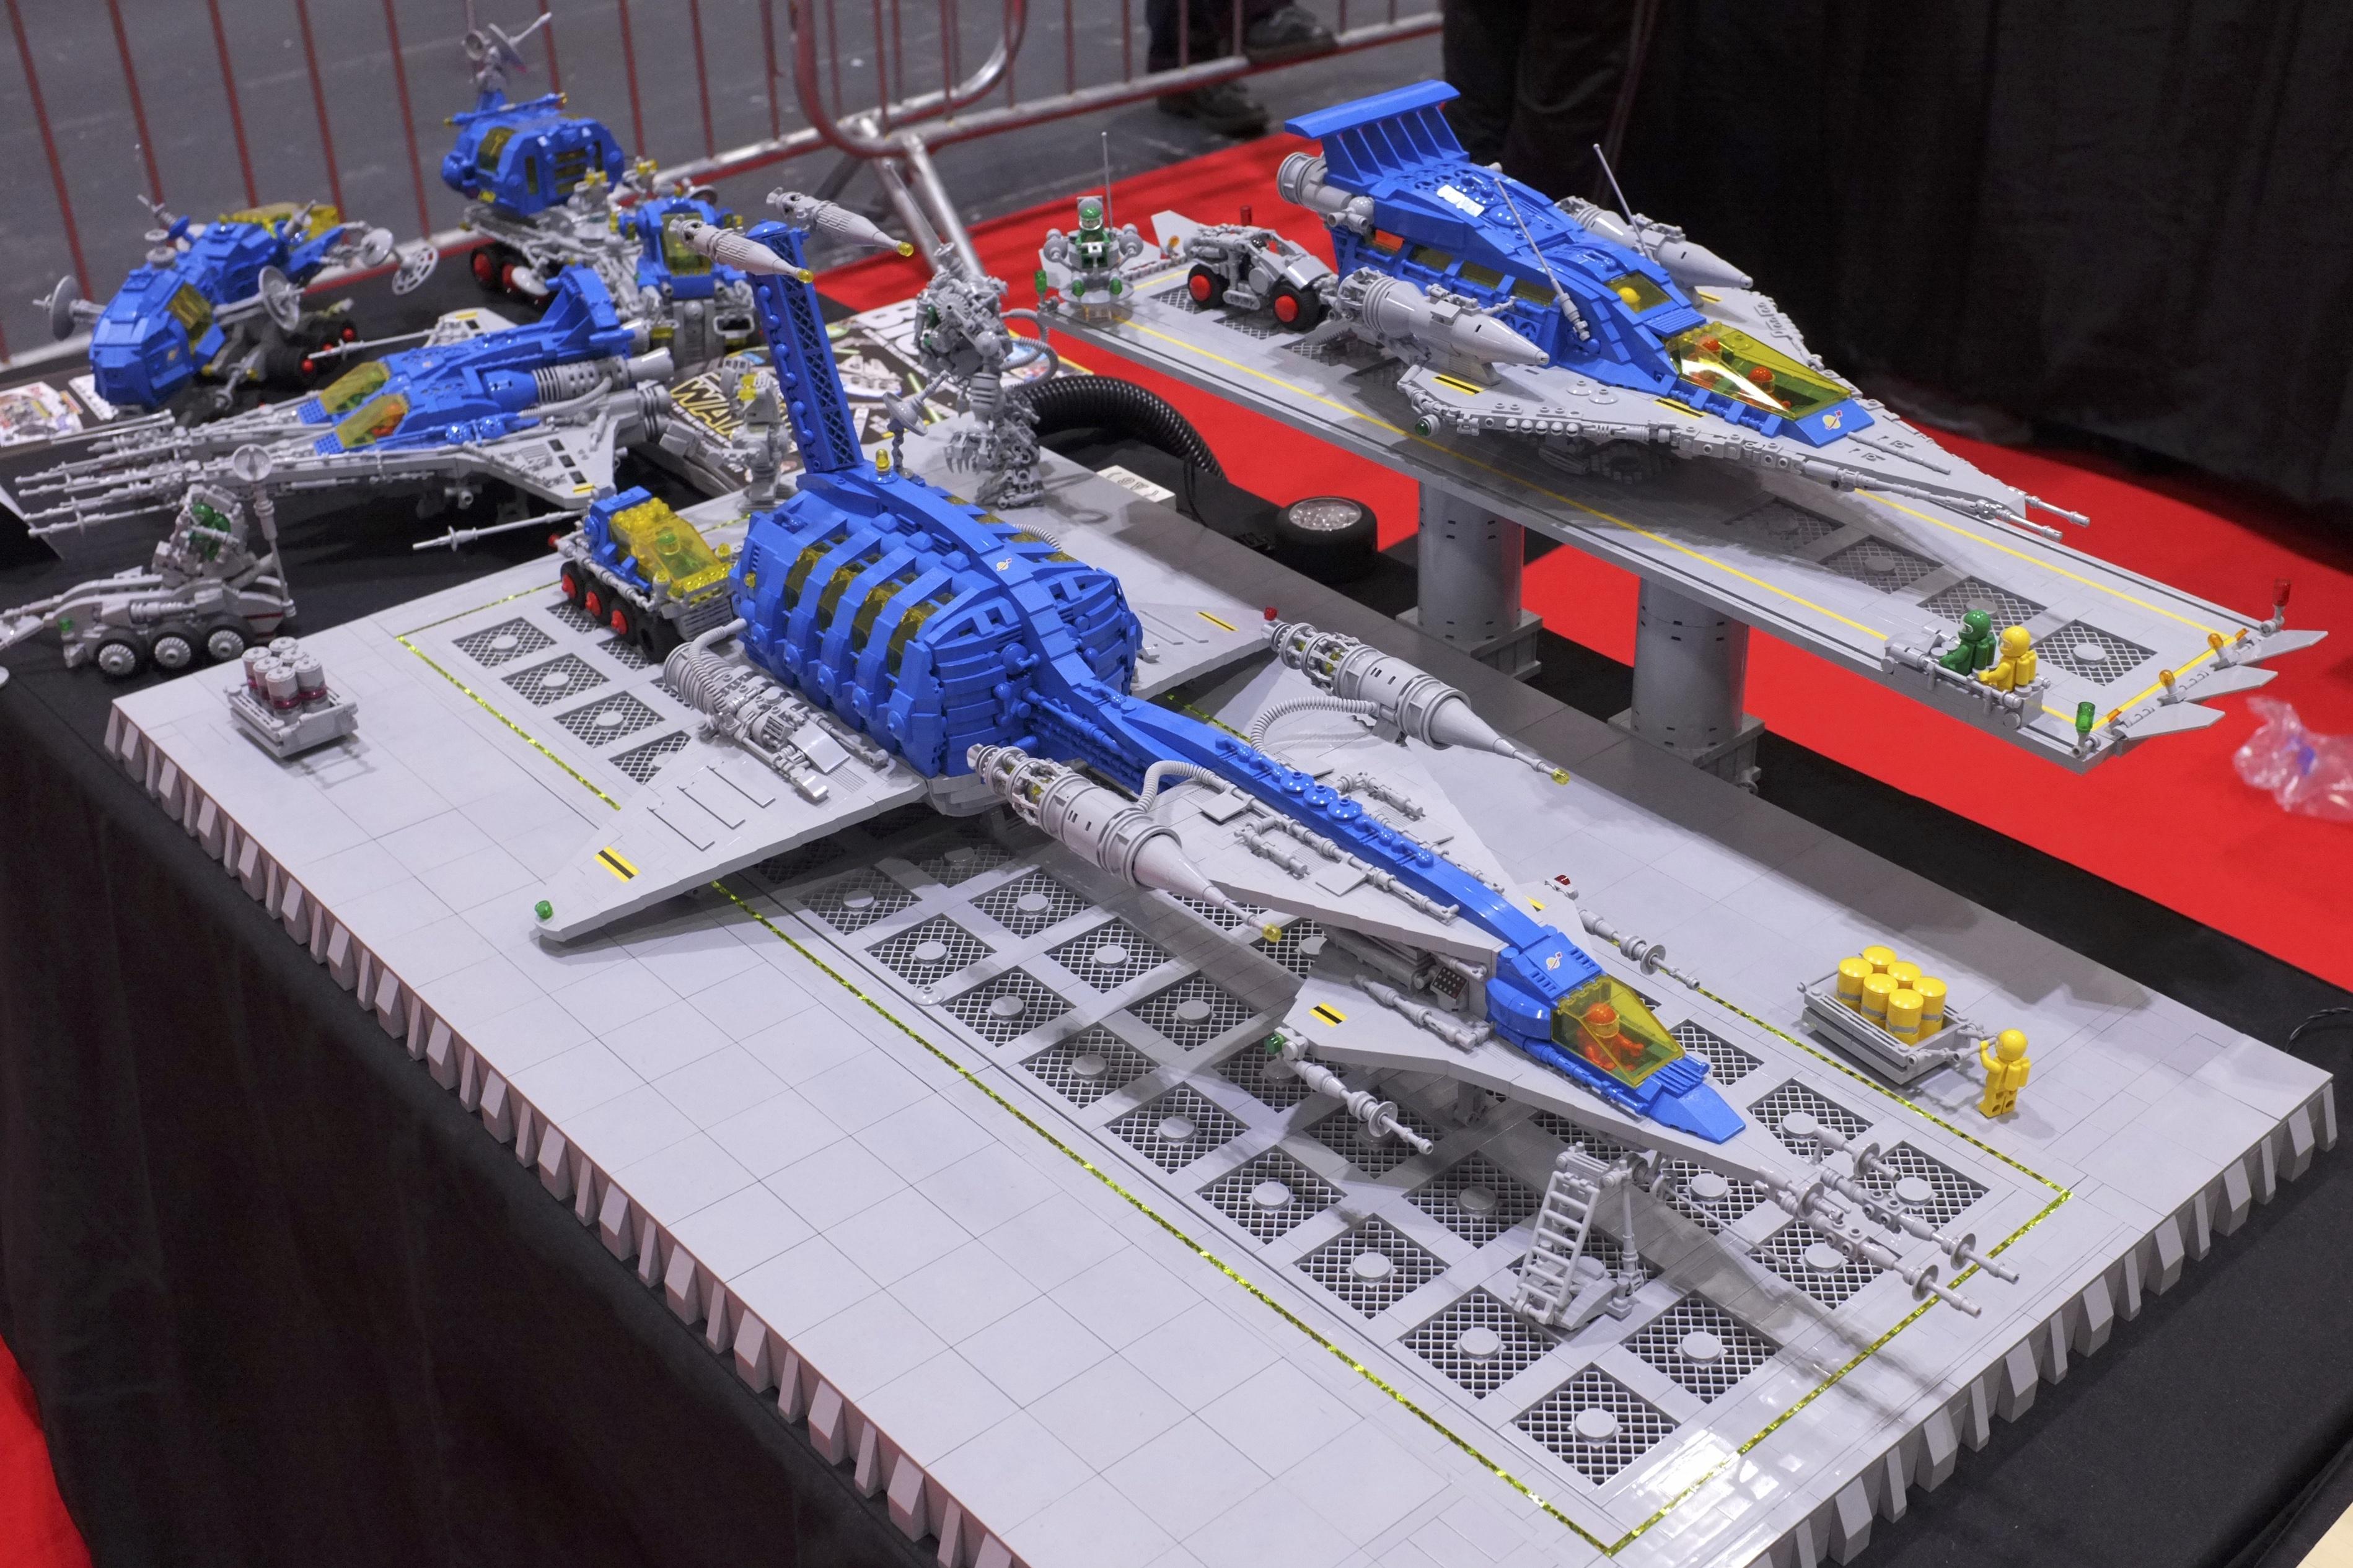 fond d 39 cran espace lego vaisseau spatial jouet mod le l 39 chelle loisir espace. Black Bedroom Furniture Sets. Home Design Ideas